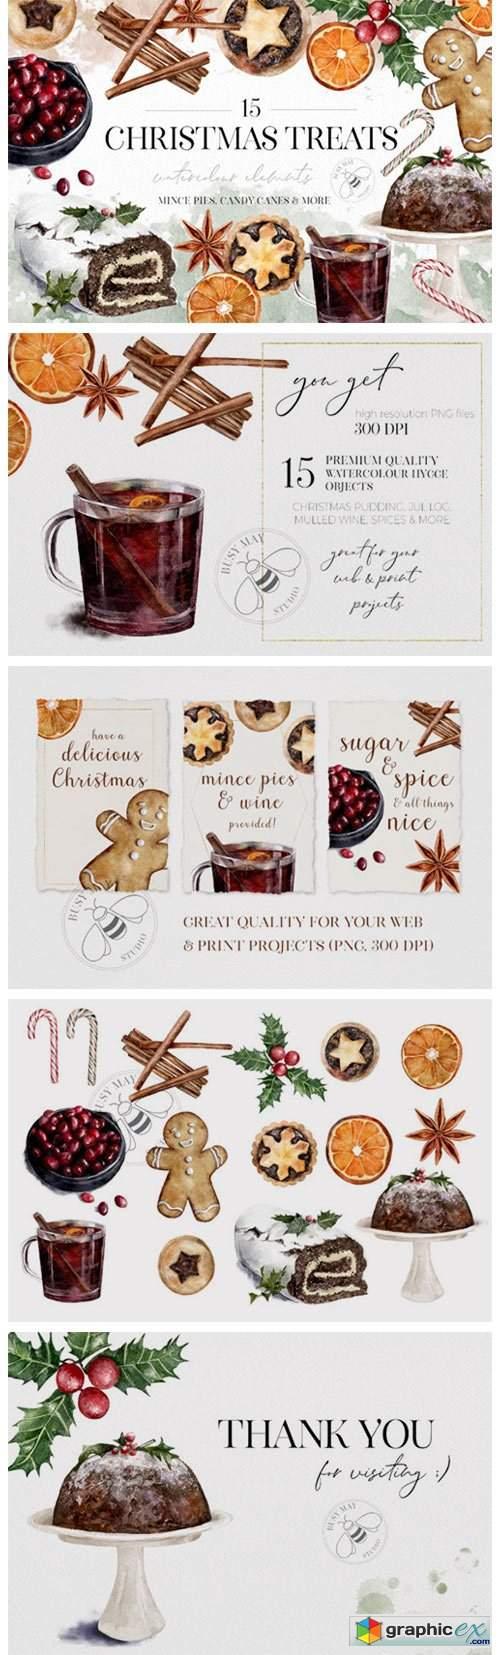 Watercolor Christmas Treats Festive Food